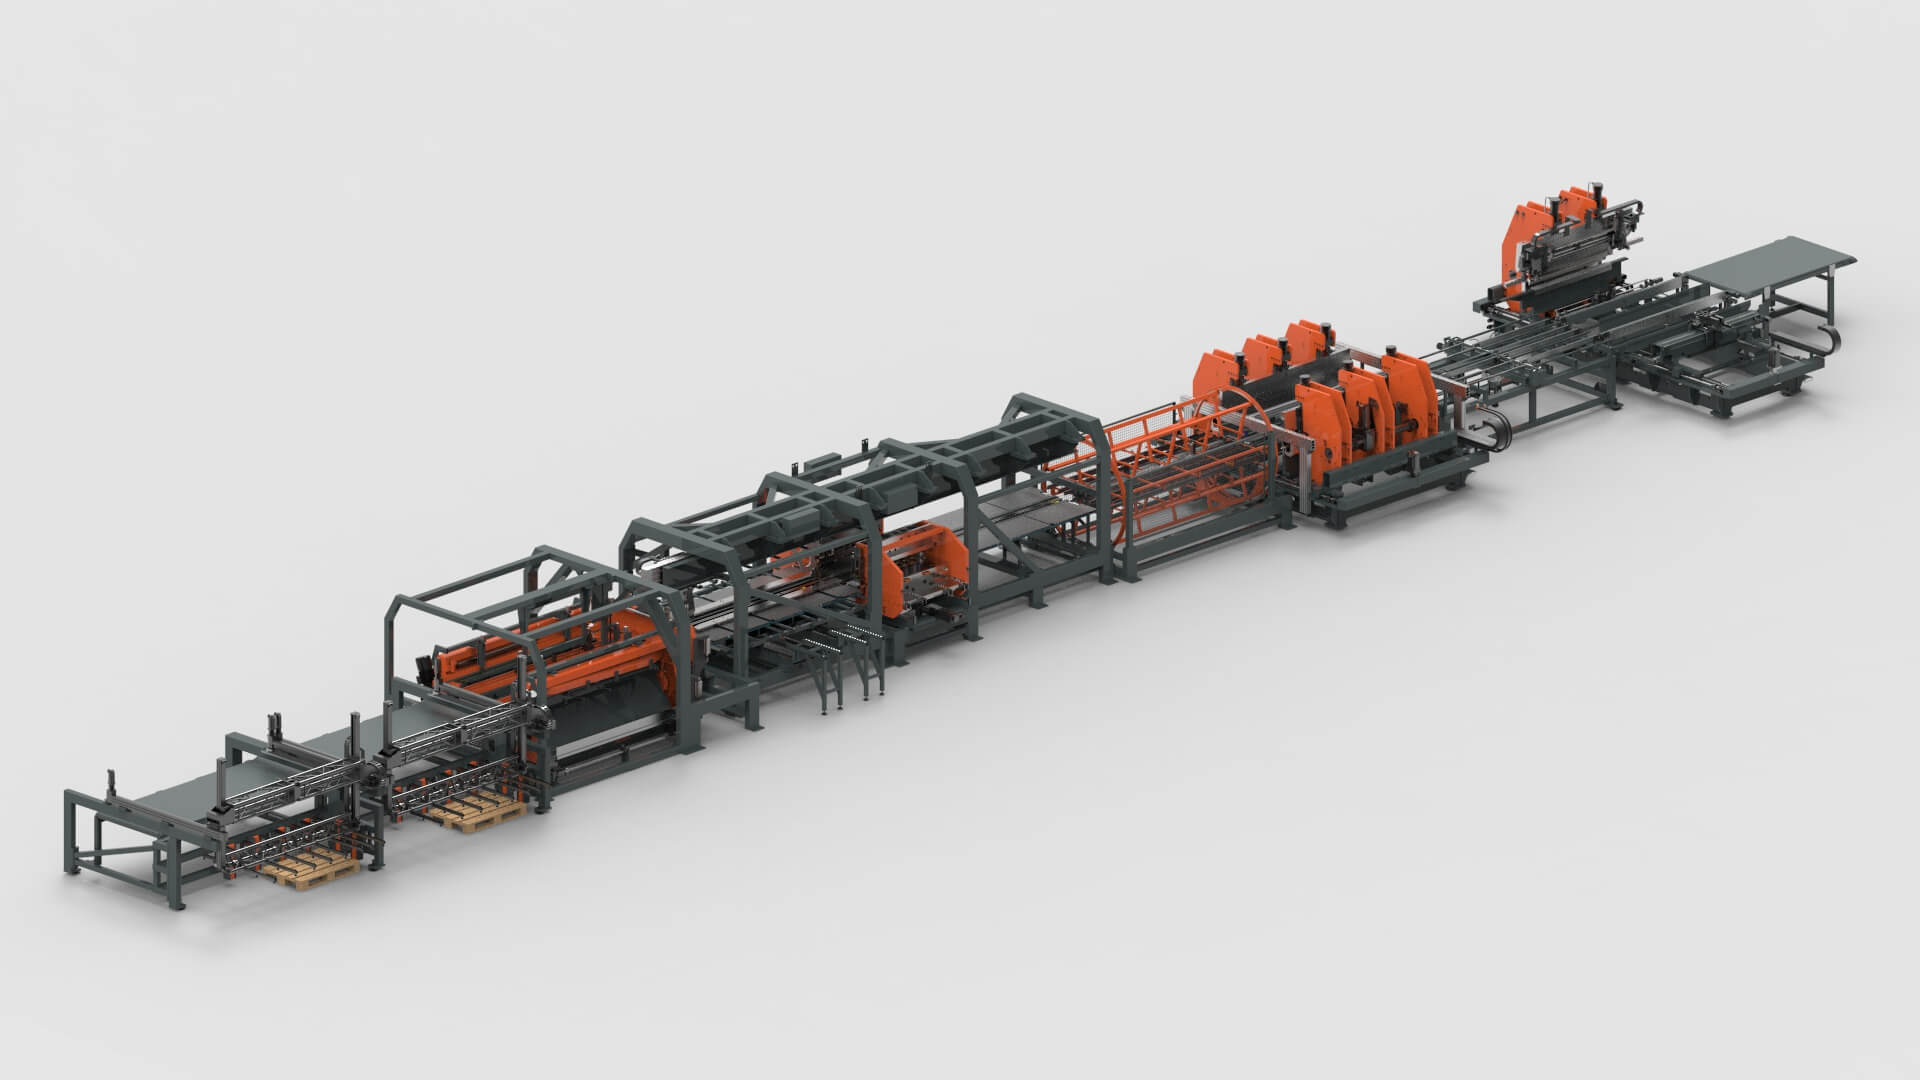 wemo-stalen-deuren-plaatbewerking-snijden-ponsen-buigen-productielijn.jpg